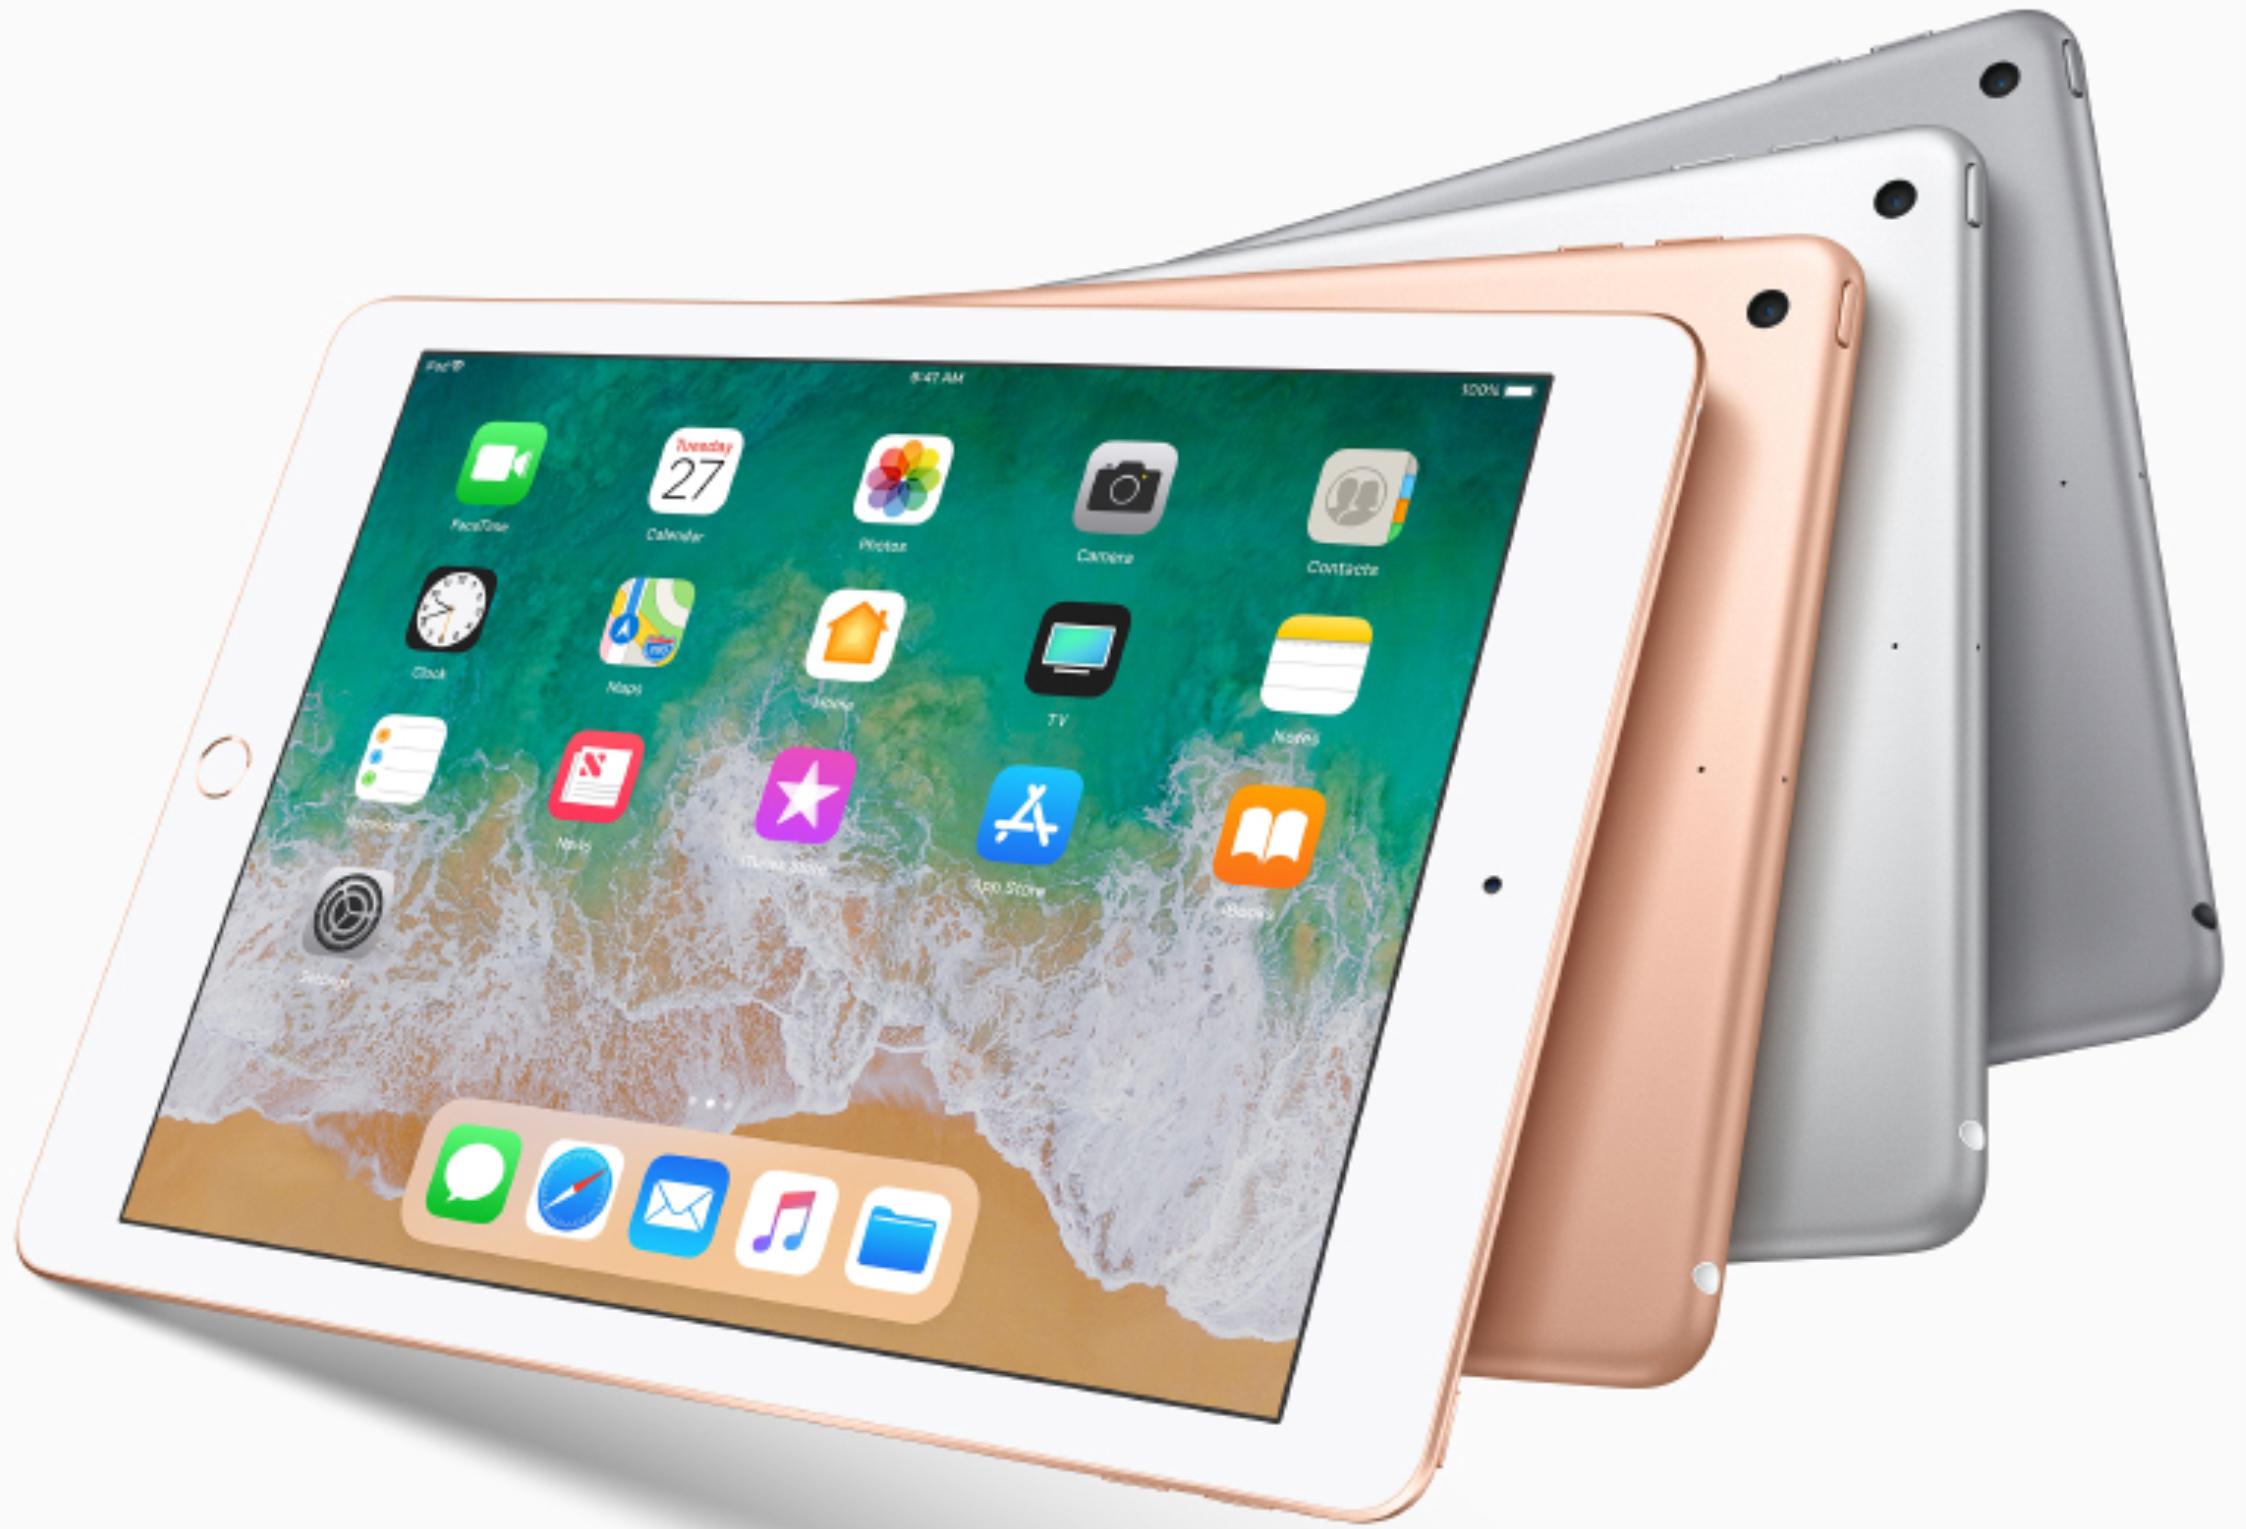 [universal.at] Apple iPad 2018 WiFi 32 GB 9,7 Zoll alle Farben für 292€ plus Versand nach D